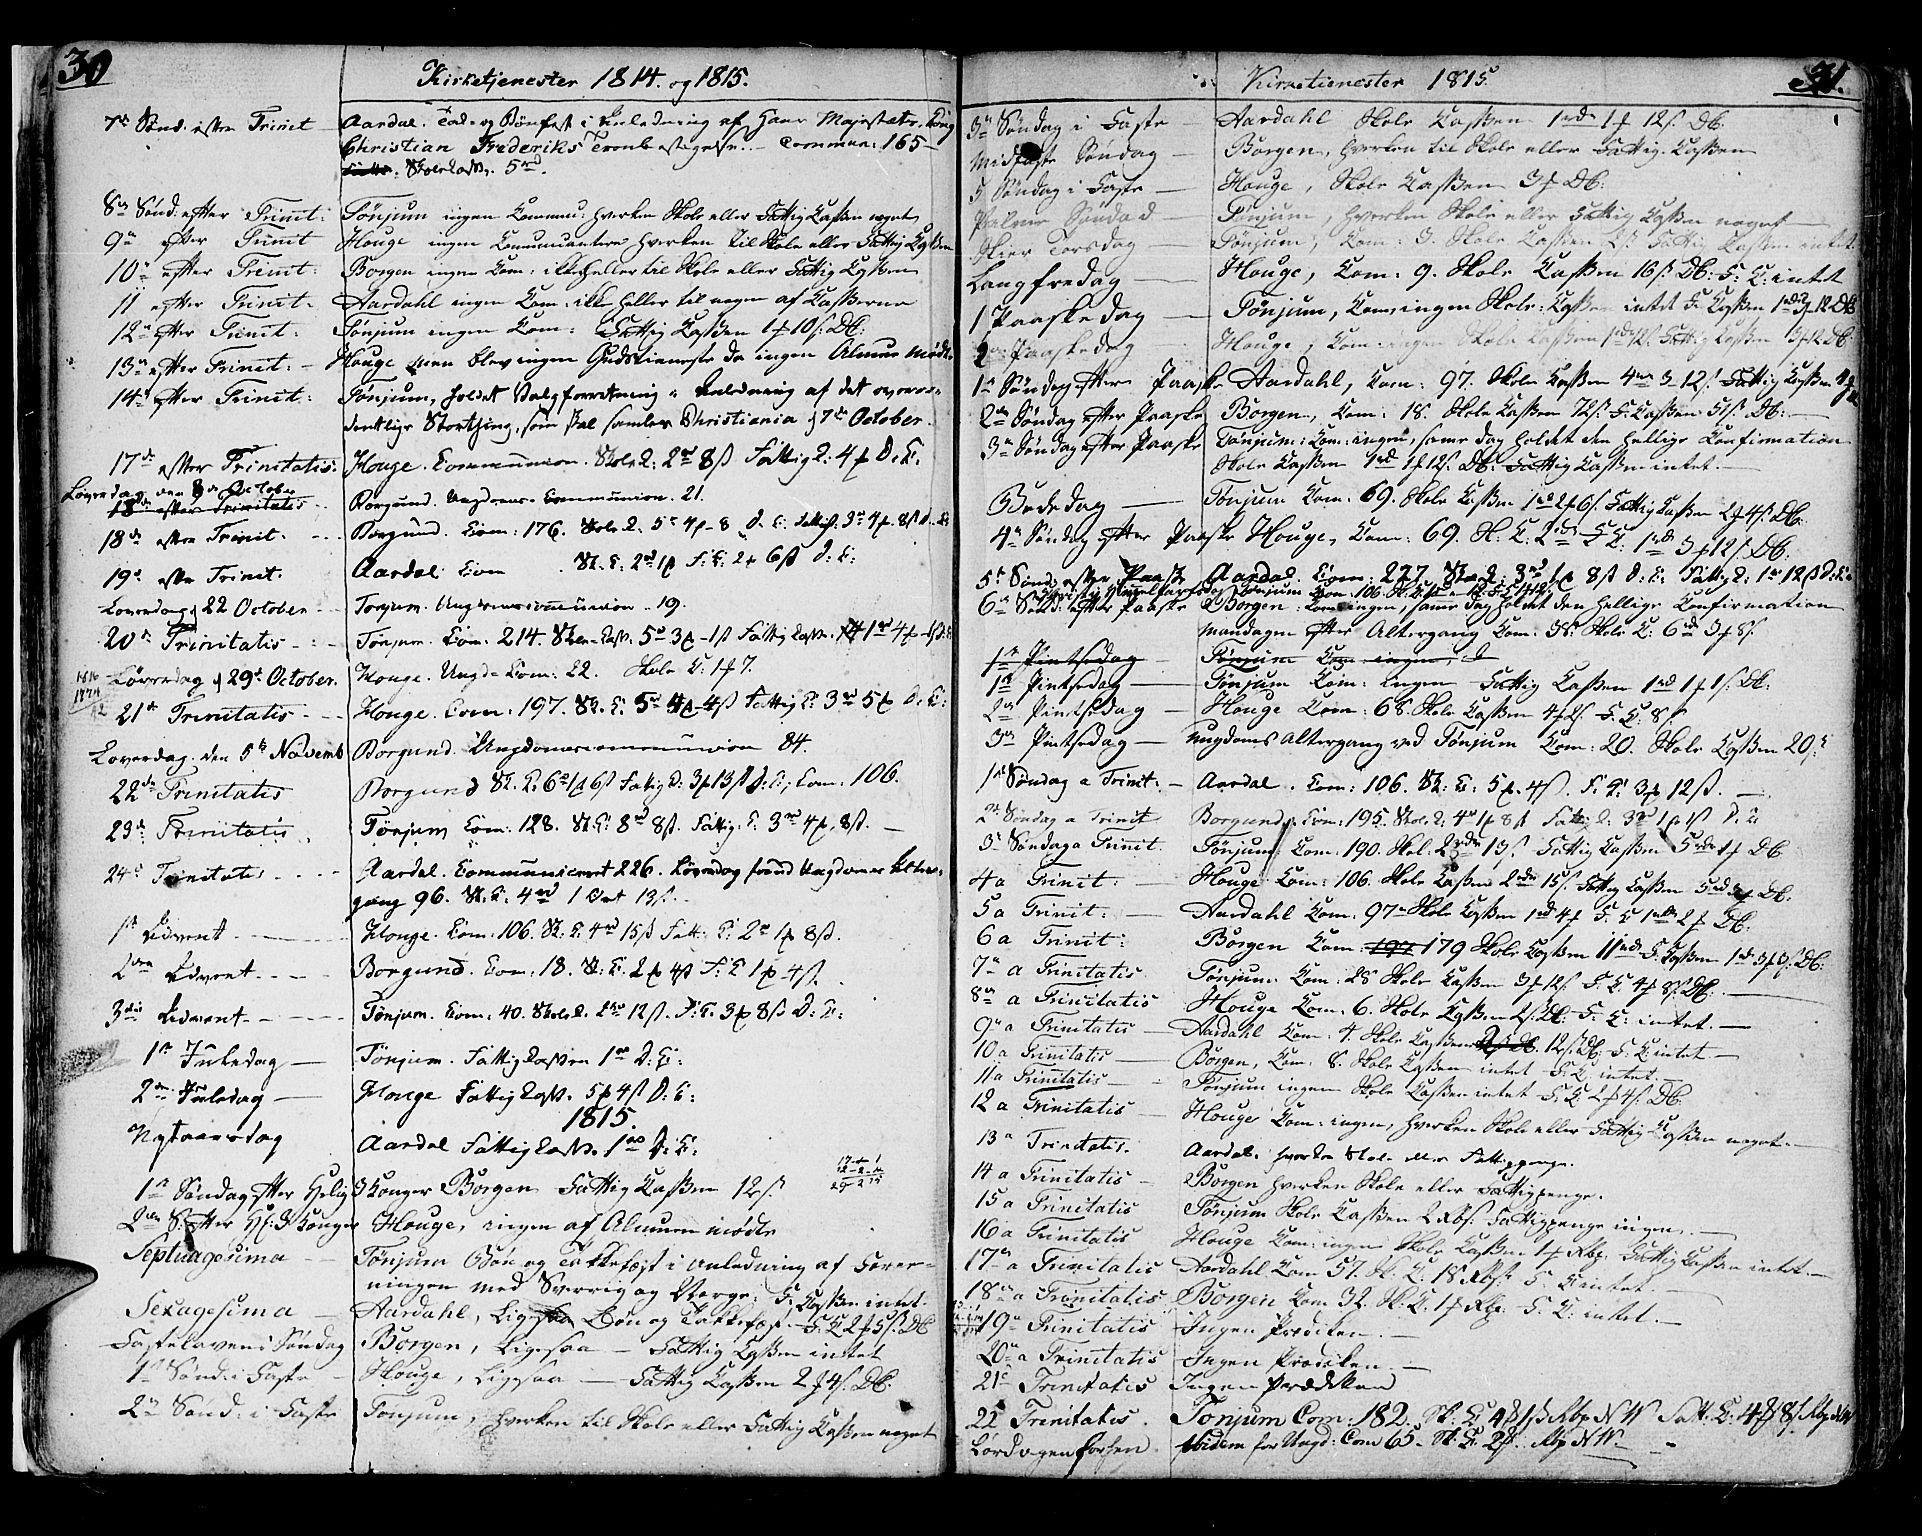 SAB, Lærdal sokneprestembete, Ministerialbok nr. A 4, 1805-1821, s. 30-31